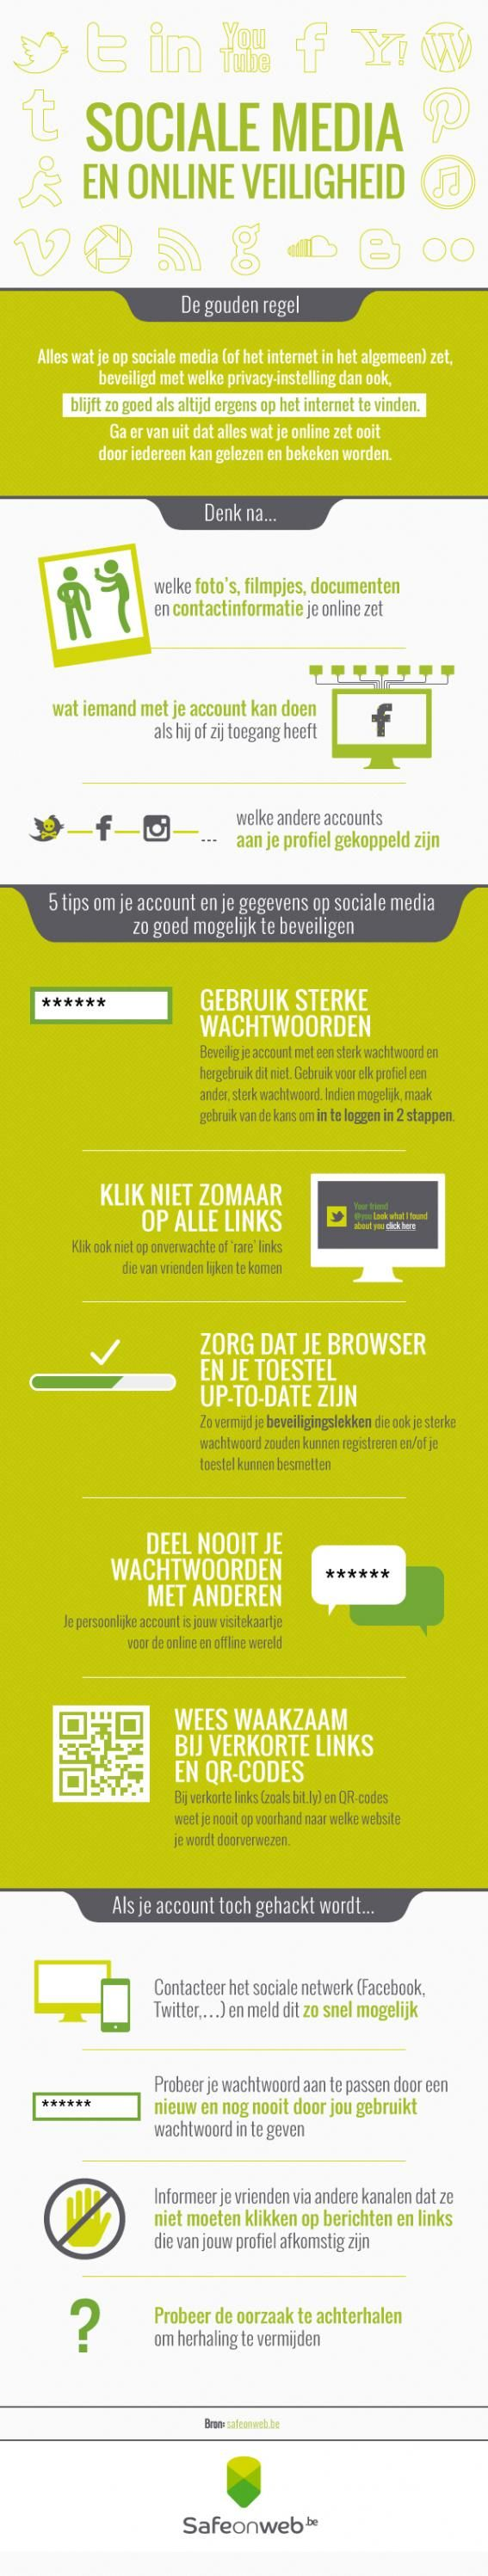 Infographic sociale media en online veiligheid